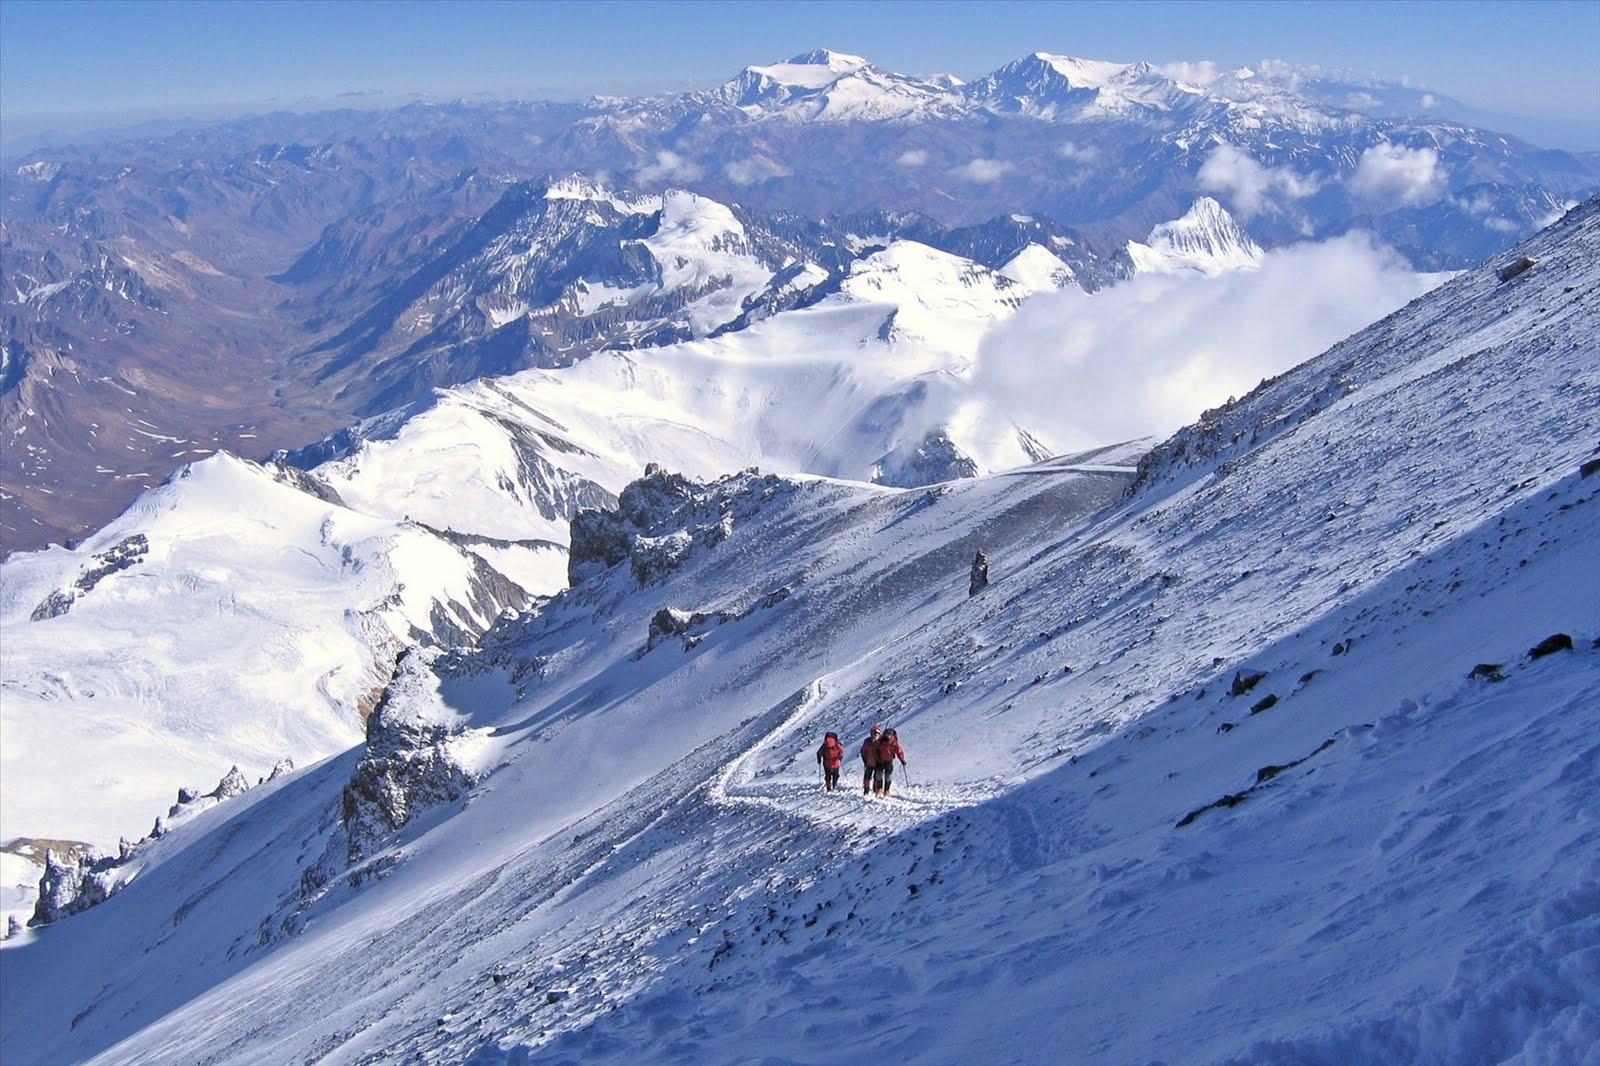 Aconcagua(6962m) csúcsmászás Argentína #99de8744-6e7b-482b-9809-309a59eecdc5